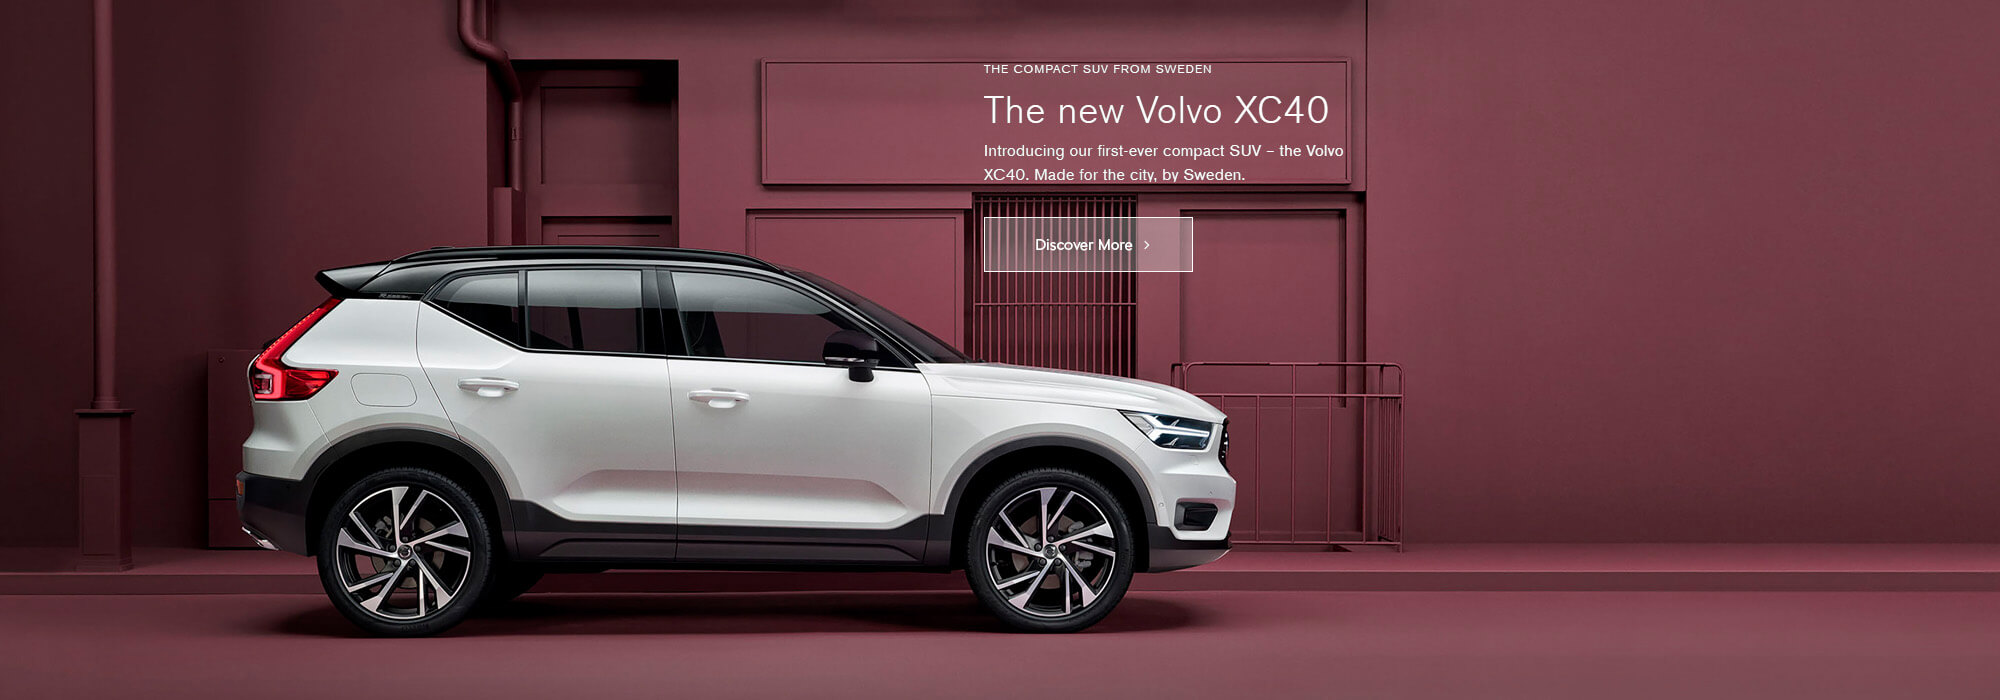 Volvo dealer melbourne